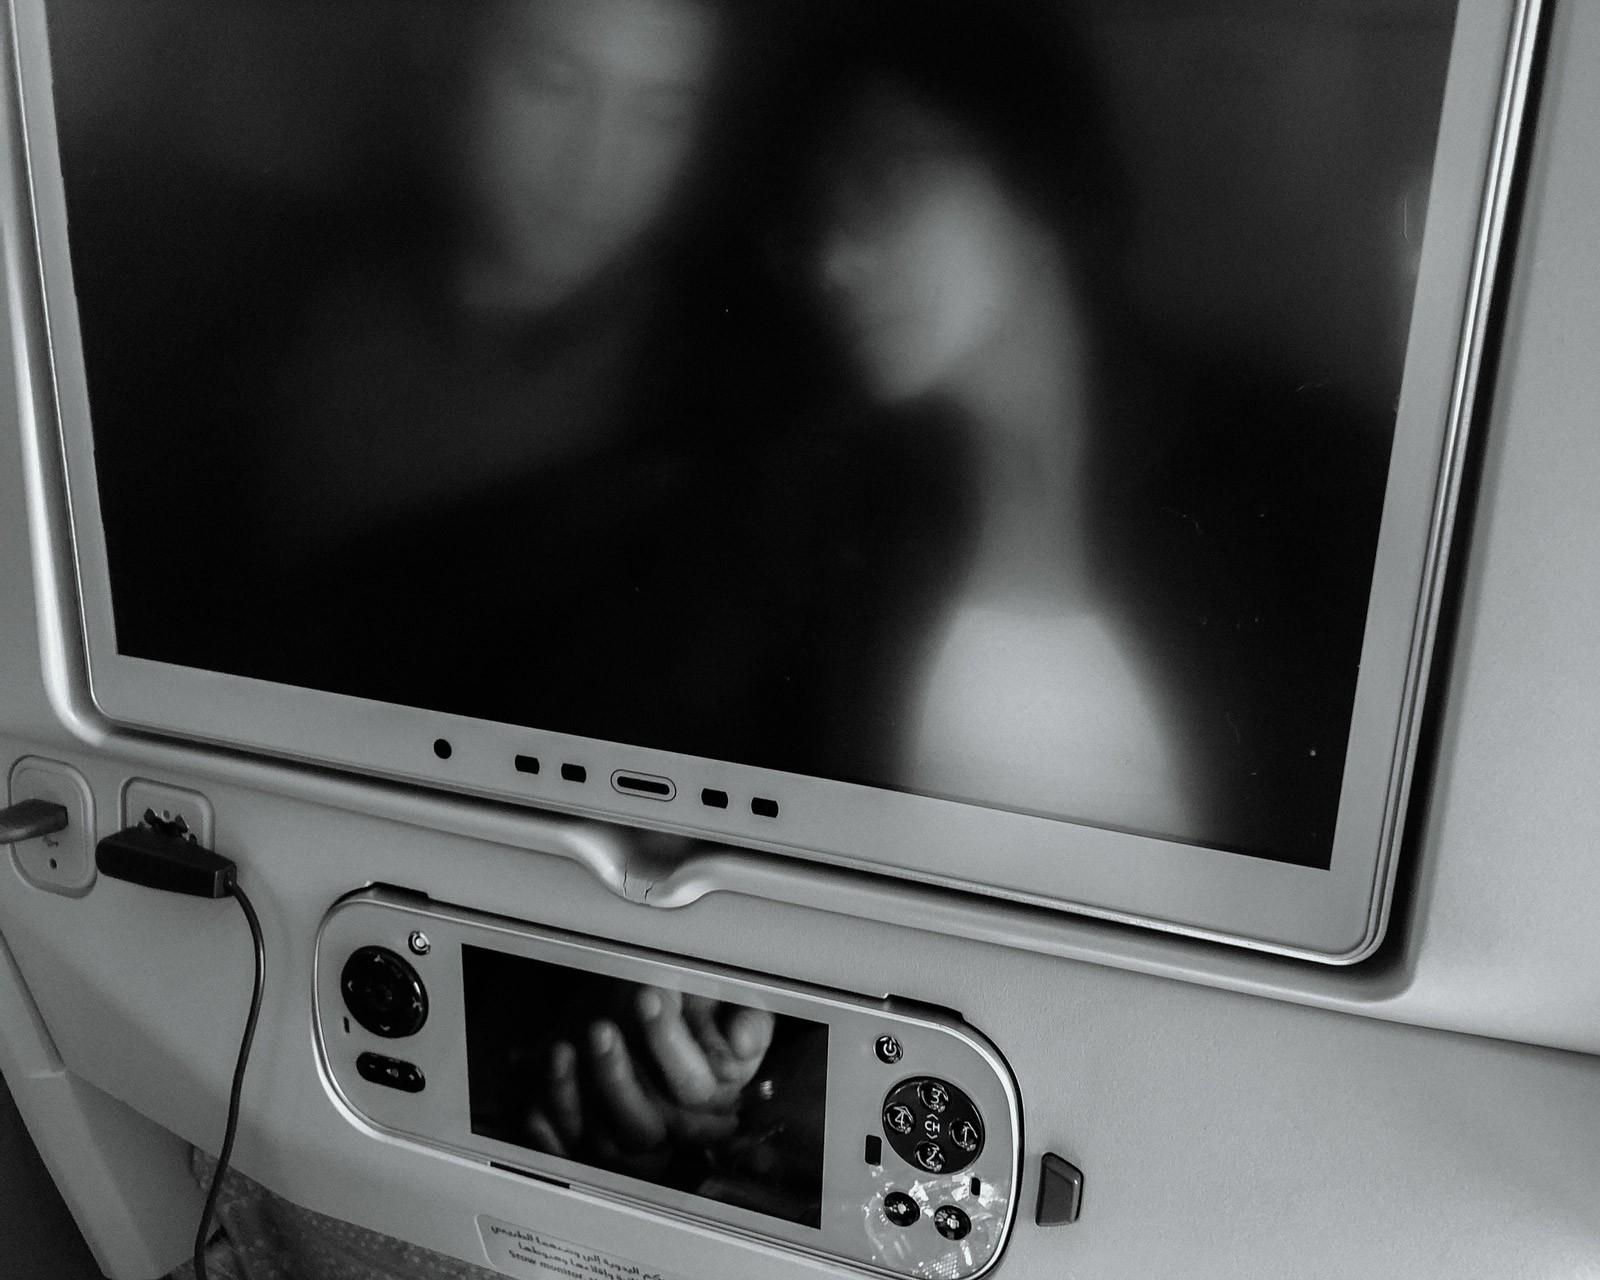 Nữ y tá bị cưỡng hiếp: Vỡ vụn vì bị cưỡng bức, tôi đã cầm đến chiếc máy ảnh - Ảnh 8.